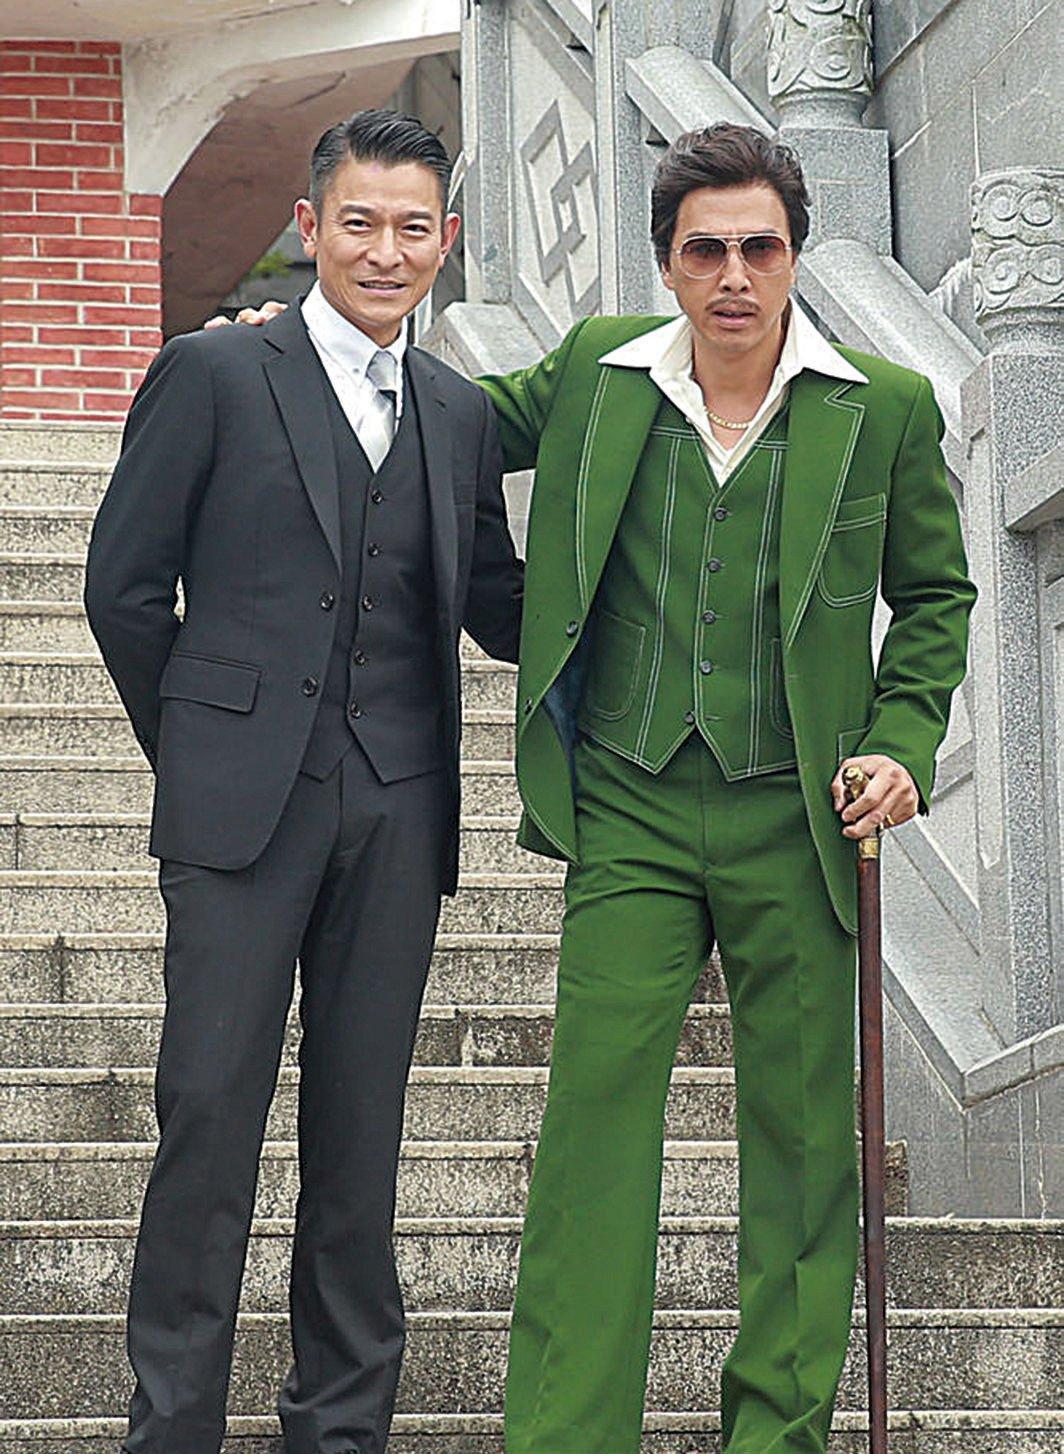 劉德華和甄子丹為新片《追龍》舉行開鏡儀式。(網絡圖片)